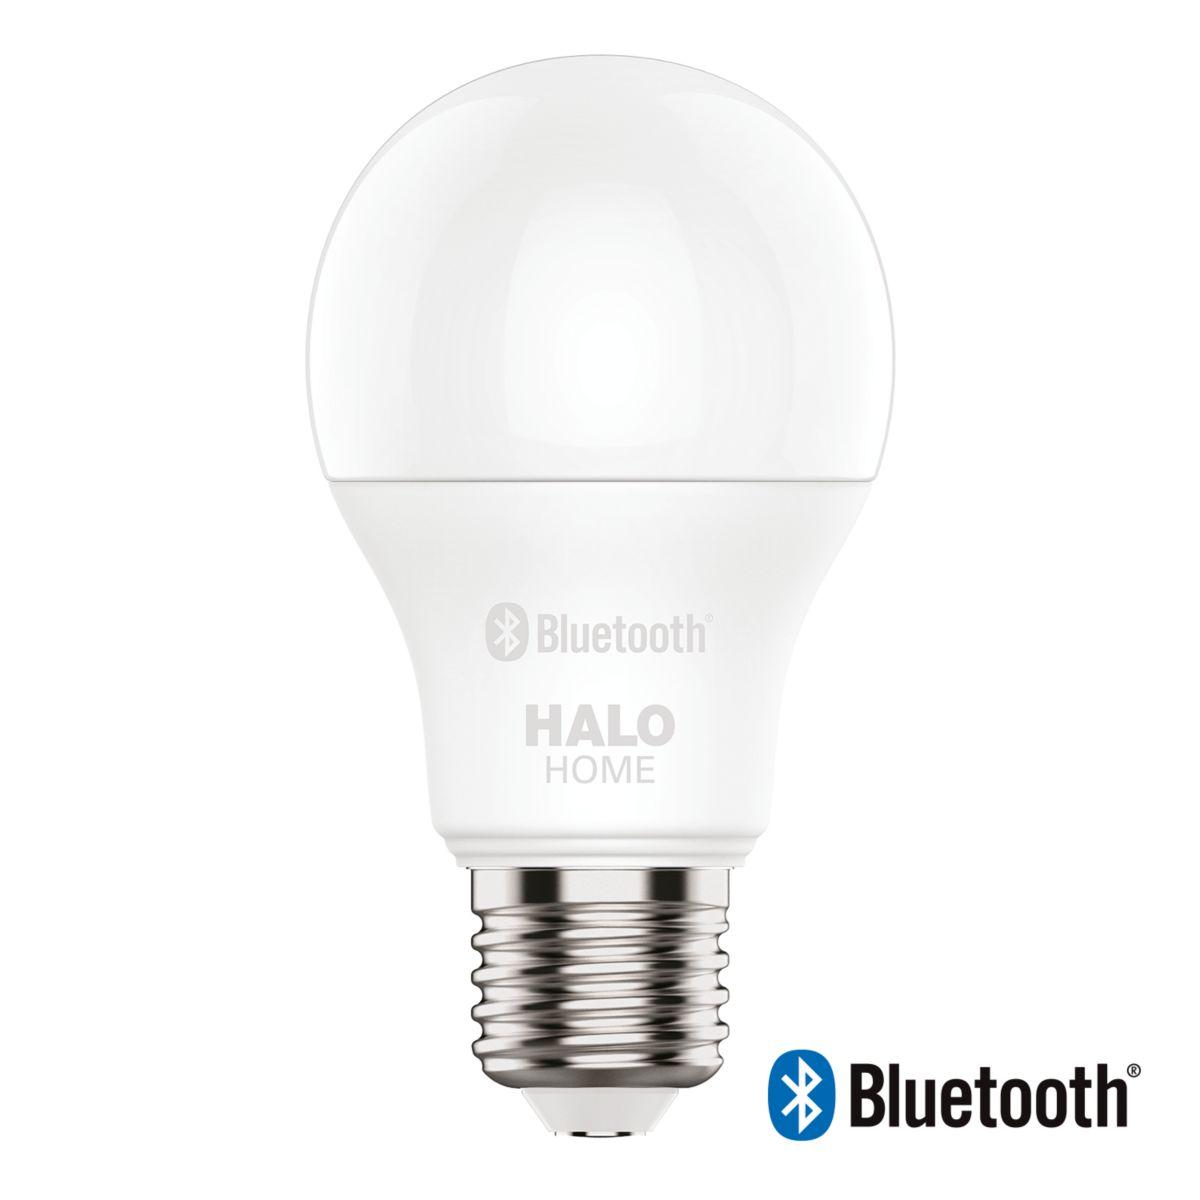 HALO Home Smart Bulb - HHA19